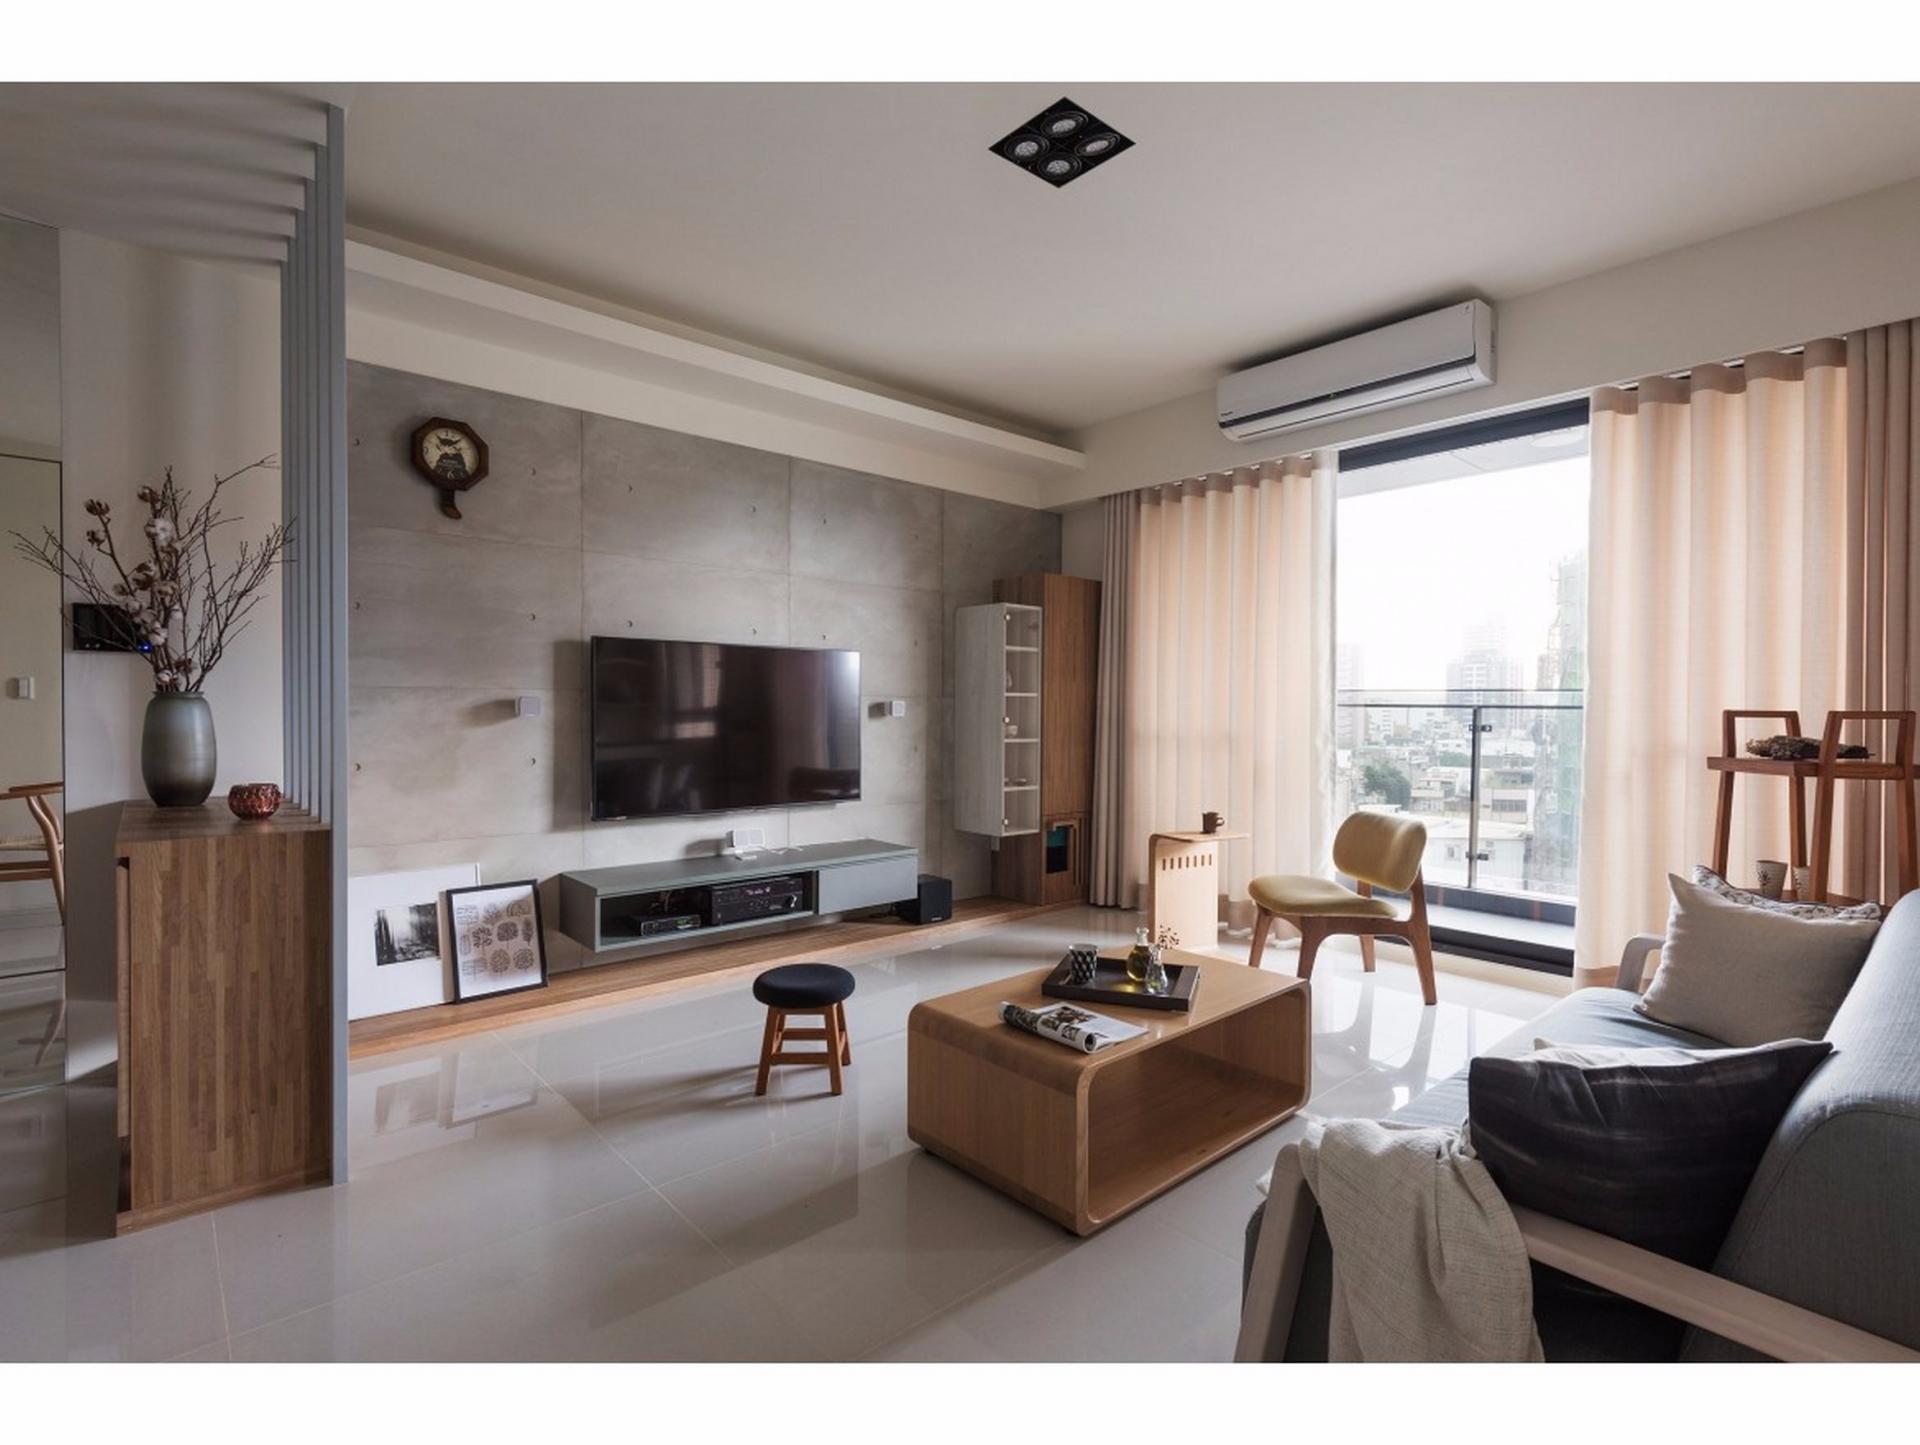 56平米单身小公寓图_4